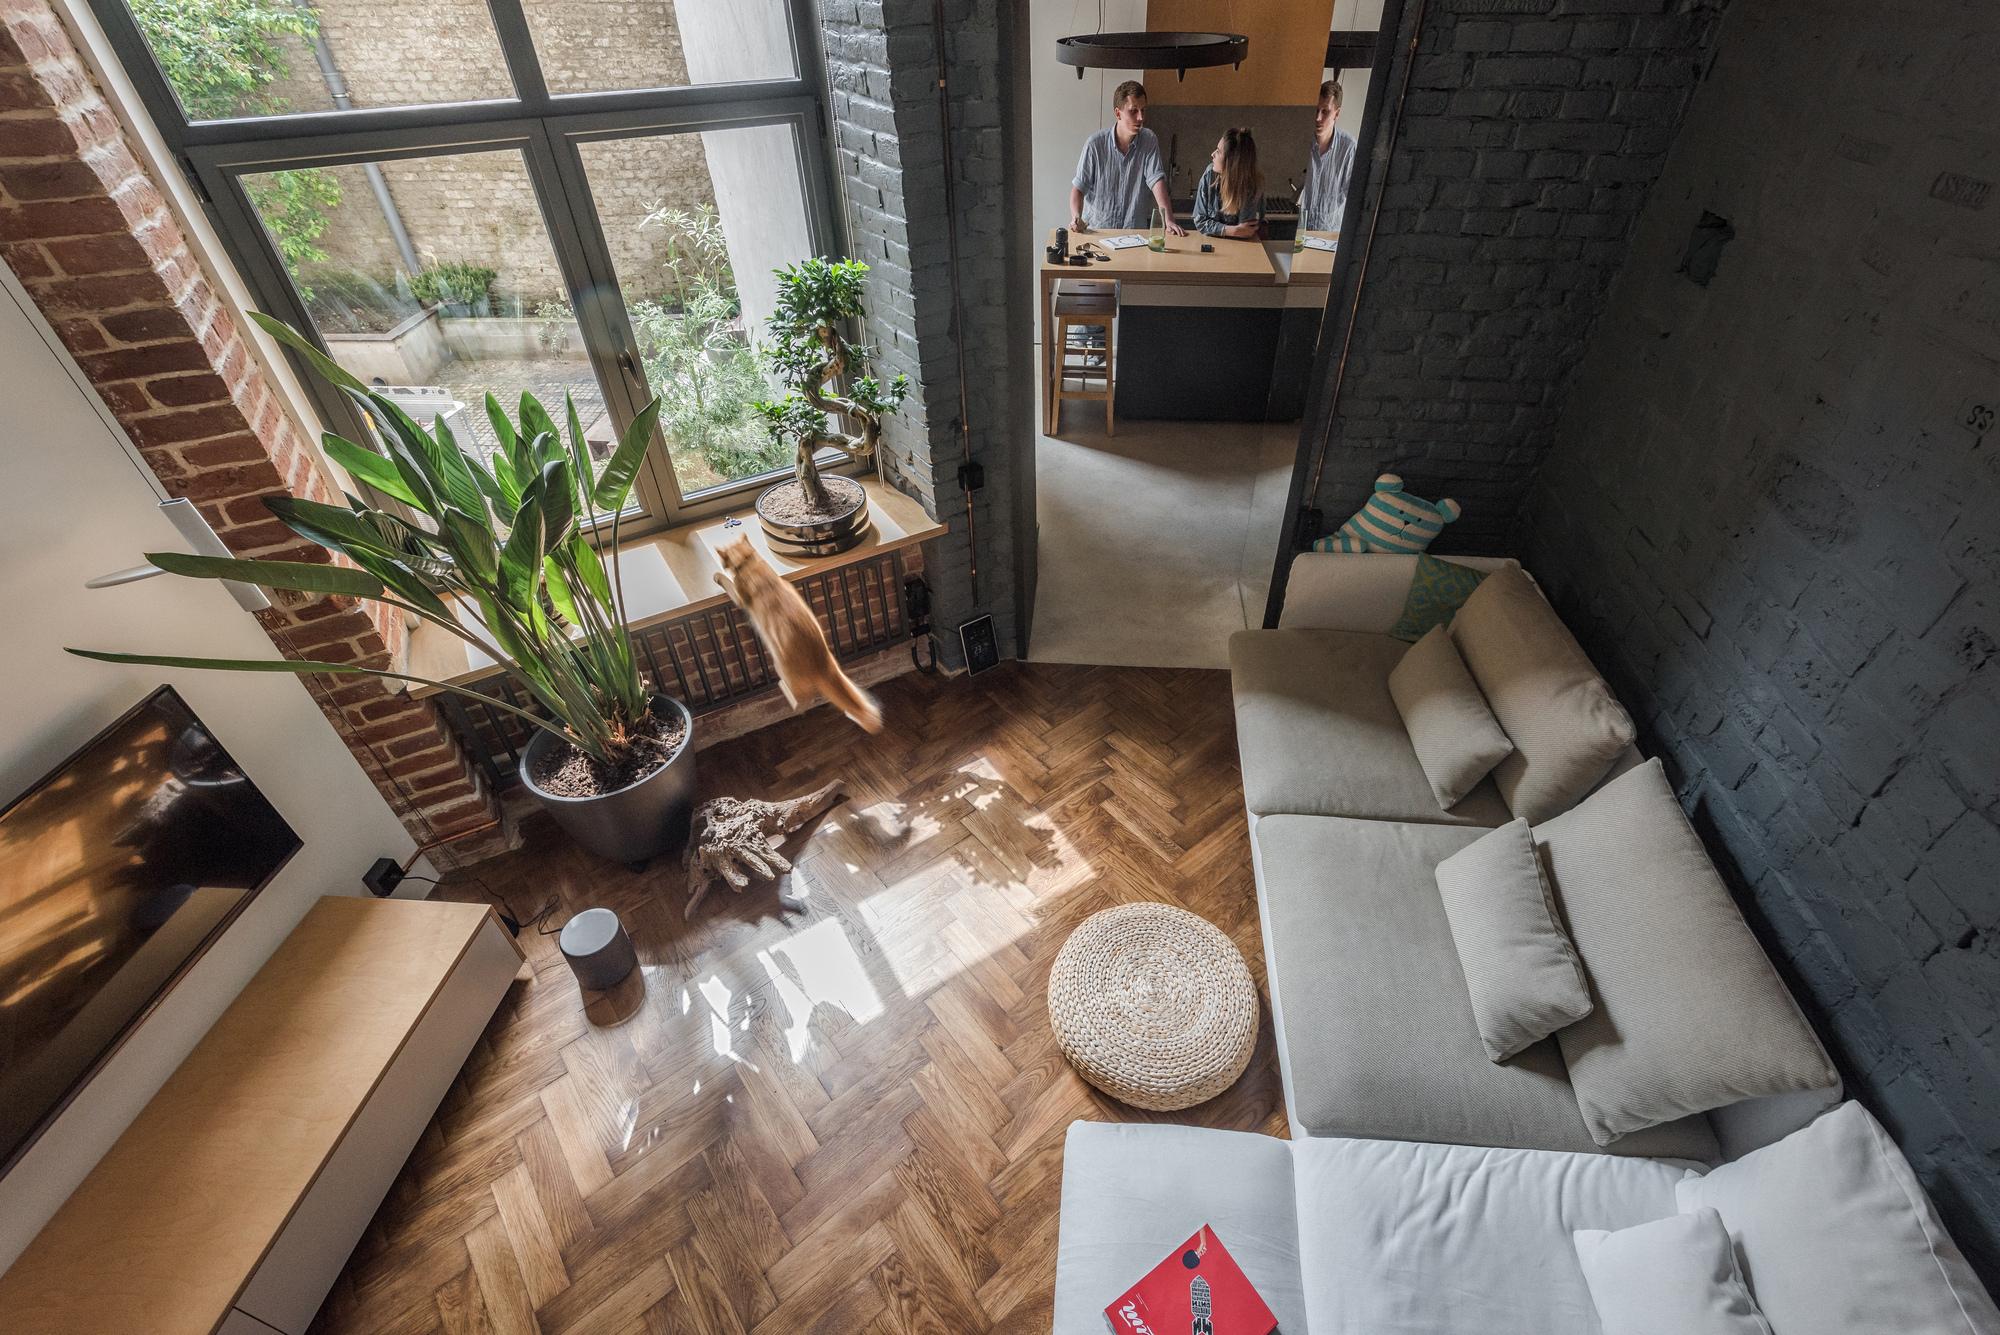 Dise O Y Arquitectura De Renovacion Plataforma Arquitectura # Muebles Pedro Baquero